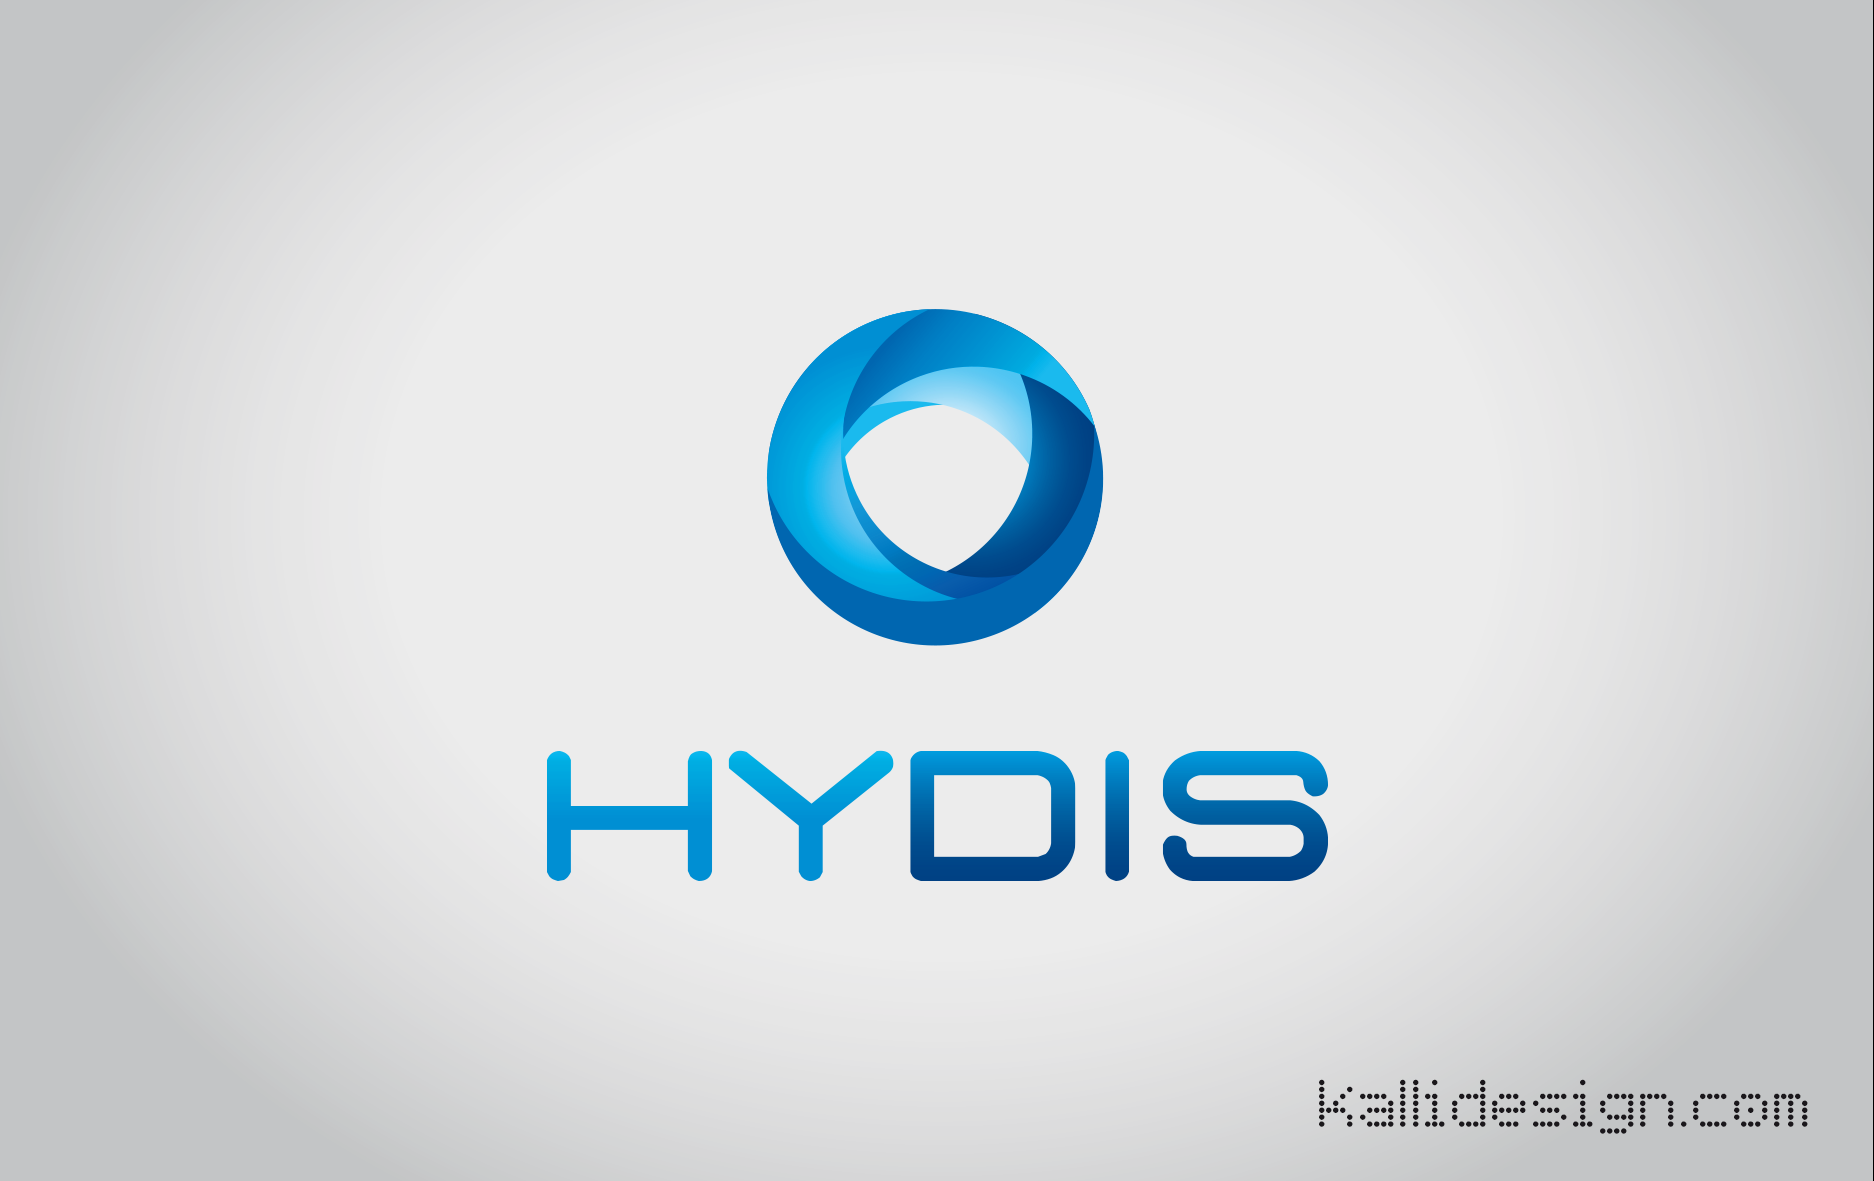 HYDIS identité visuelle